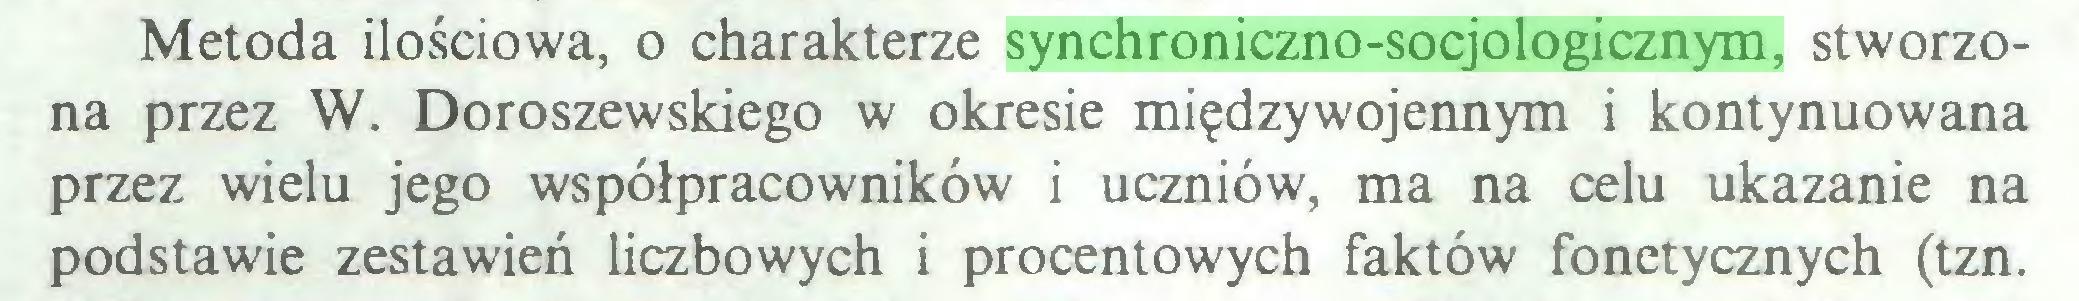 (...) Metoda ilościowa, o charakterze synchroniczno-socjologicznym, stworzona przez W. Doroszewskiego w okresie międzywojennym i kontynuowana przez wielu jego współpracowników i uczniów, ma na celu ukazanie na podstawie zestawień liczbowych i procentowych faktów fonetycznych (tzn...